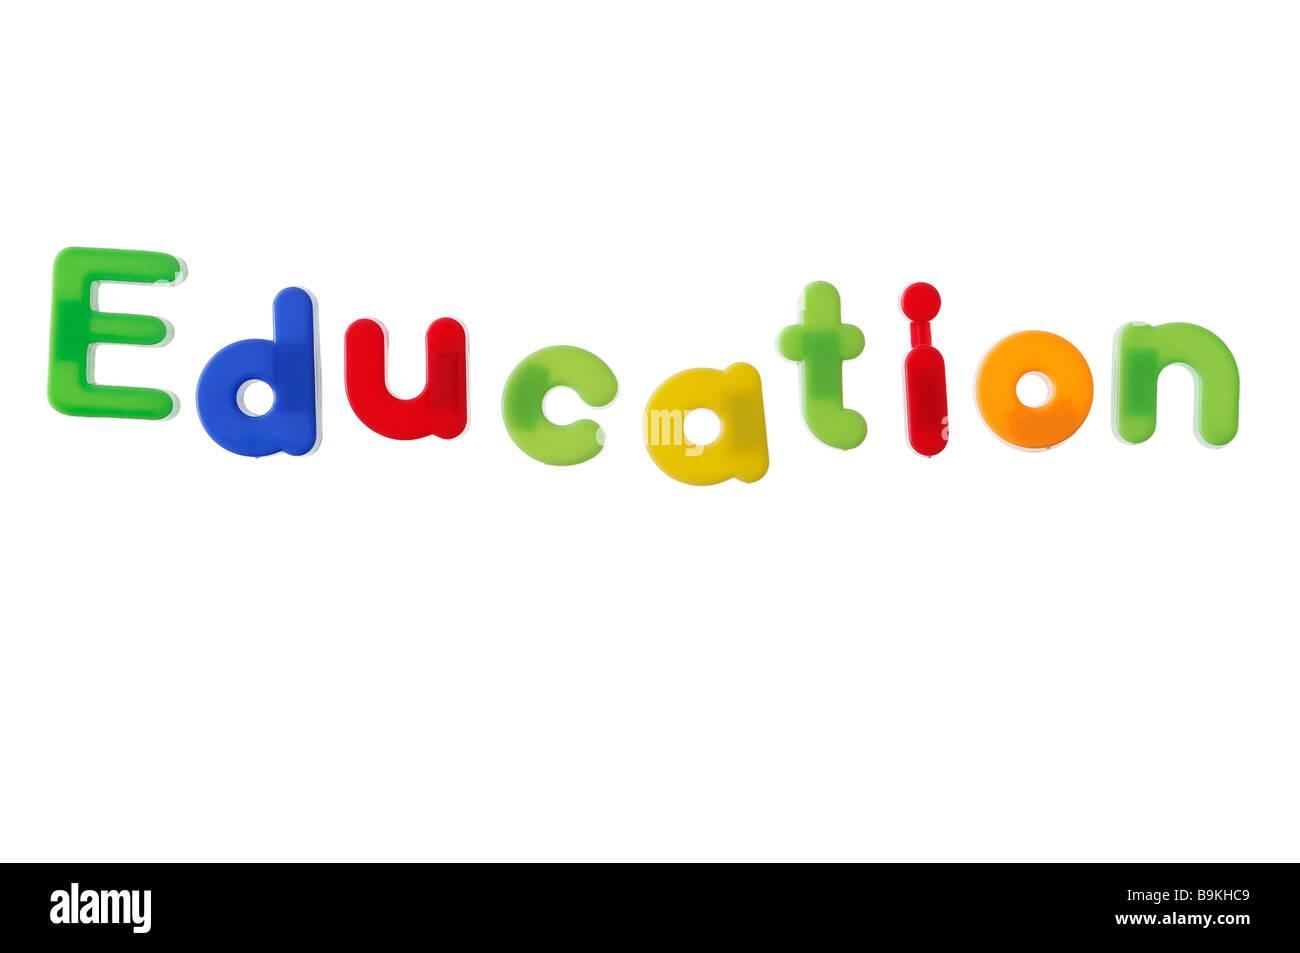 Bildung mit Magnetbuchstaben geschrieben Stockbild